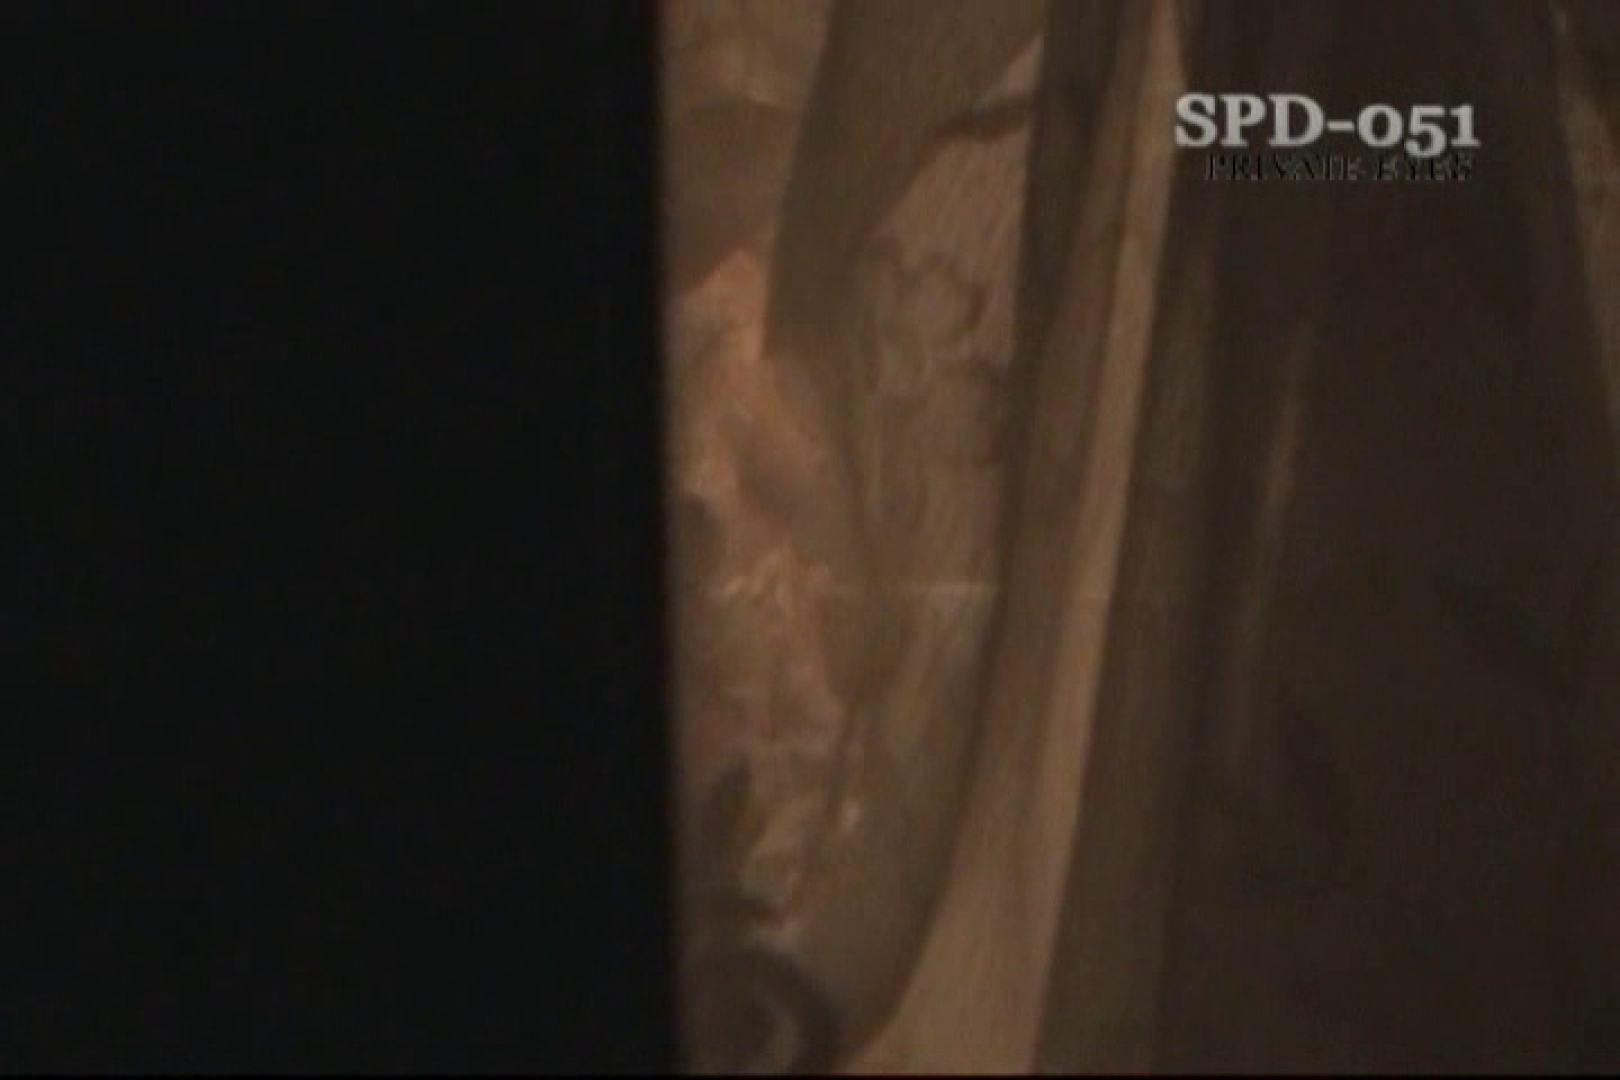 無料アダルト動画:高画質版!SPD-051 3センチメートルの隙間 3:のぞき本舗 中村屋